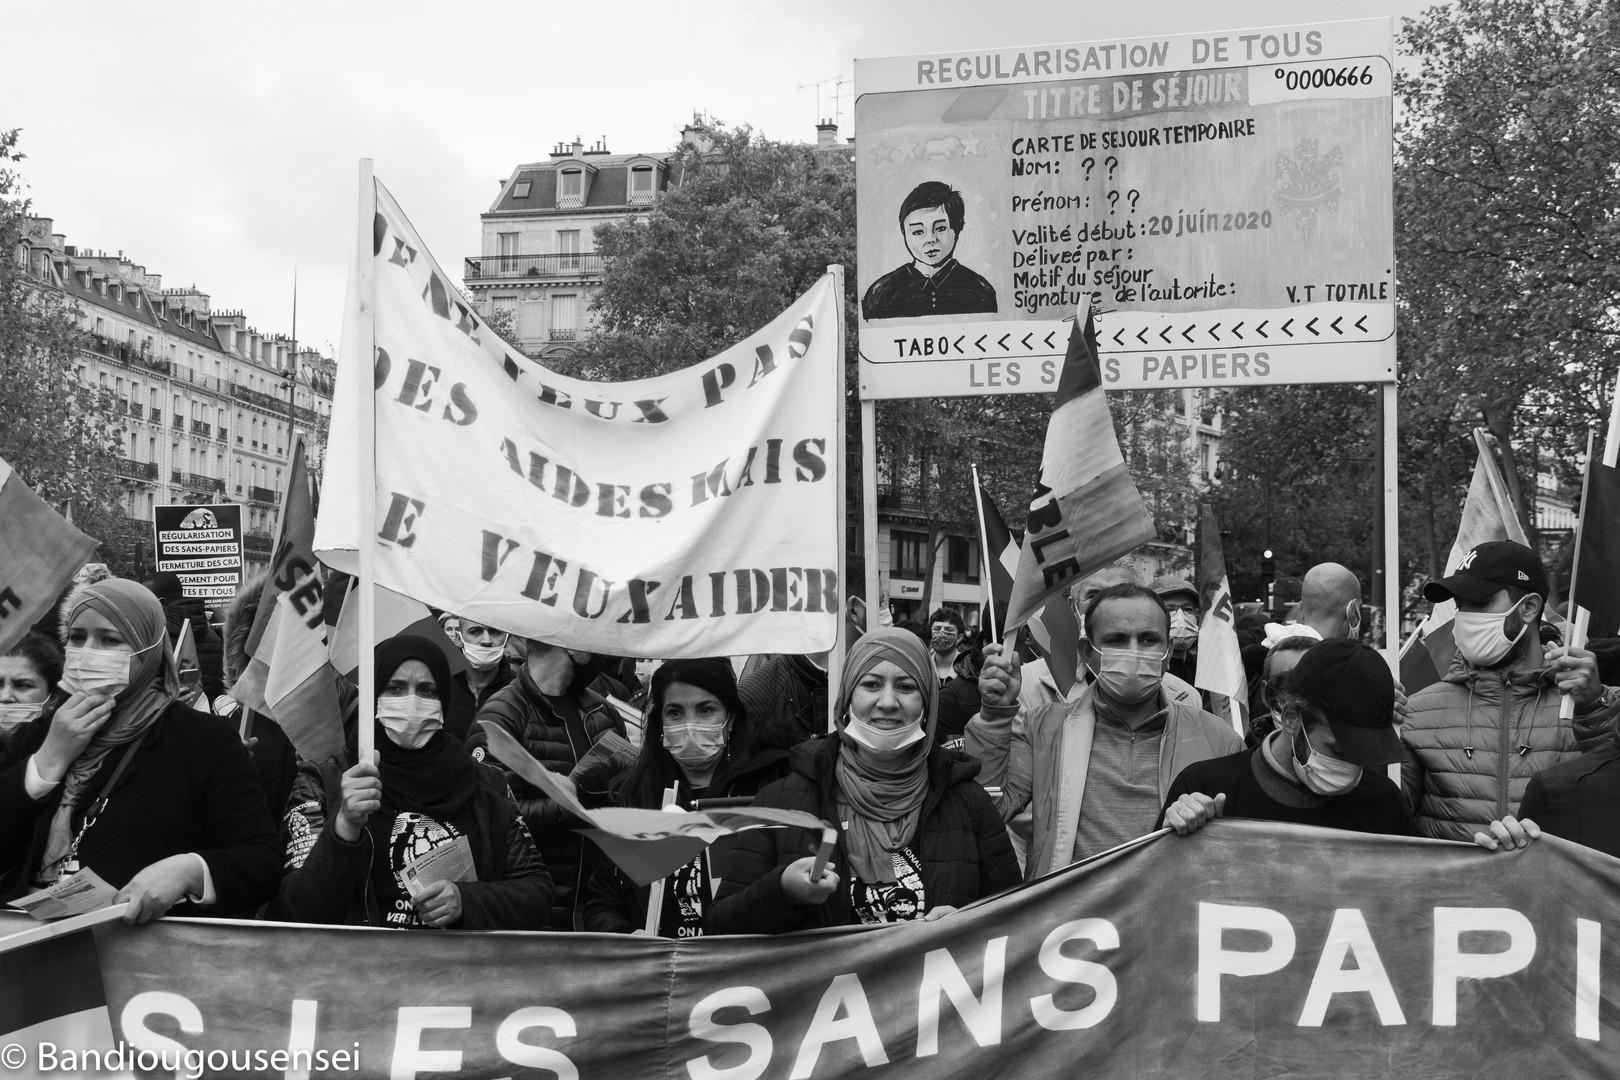 Marche national sans-papier_-25.jpg